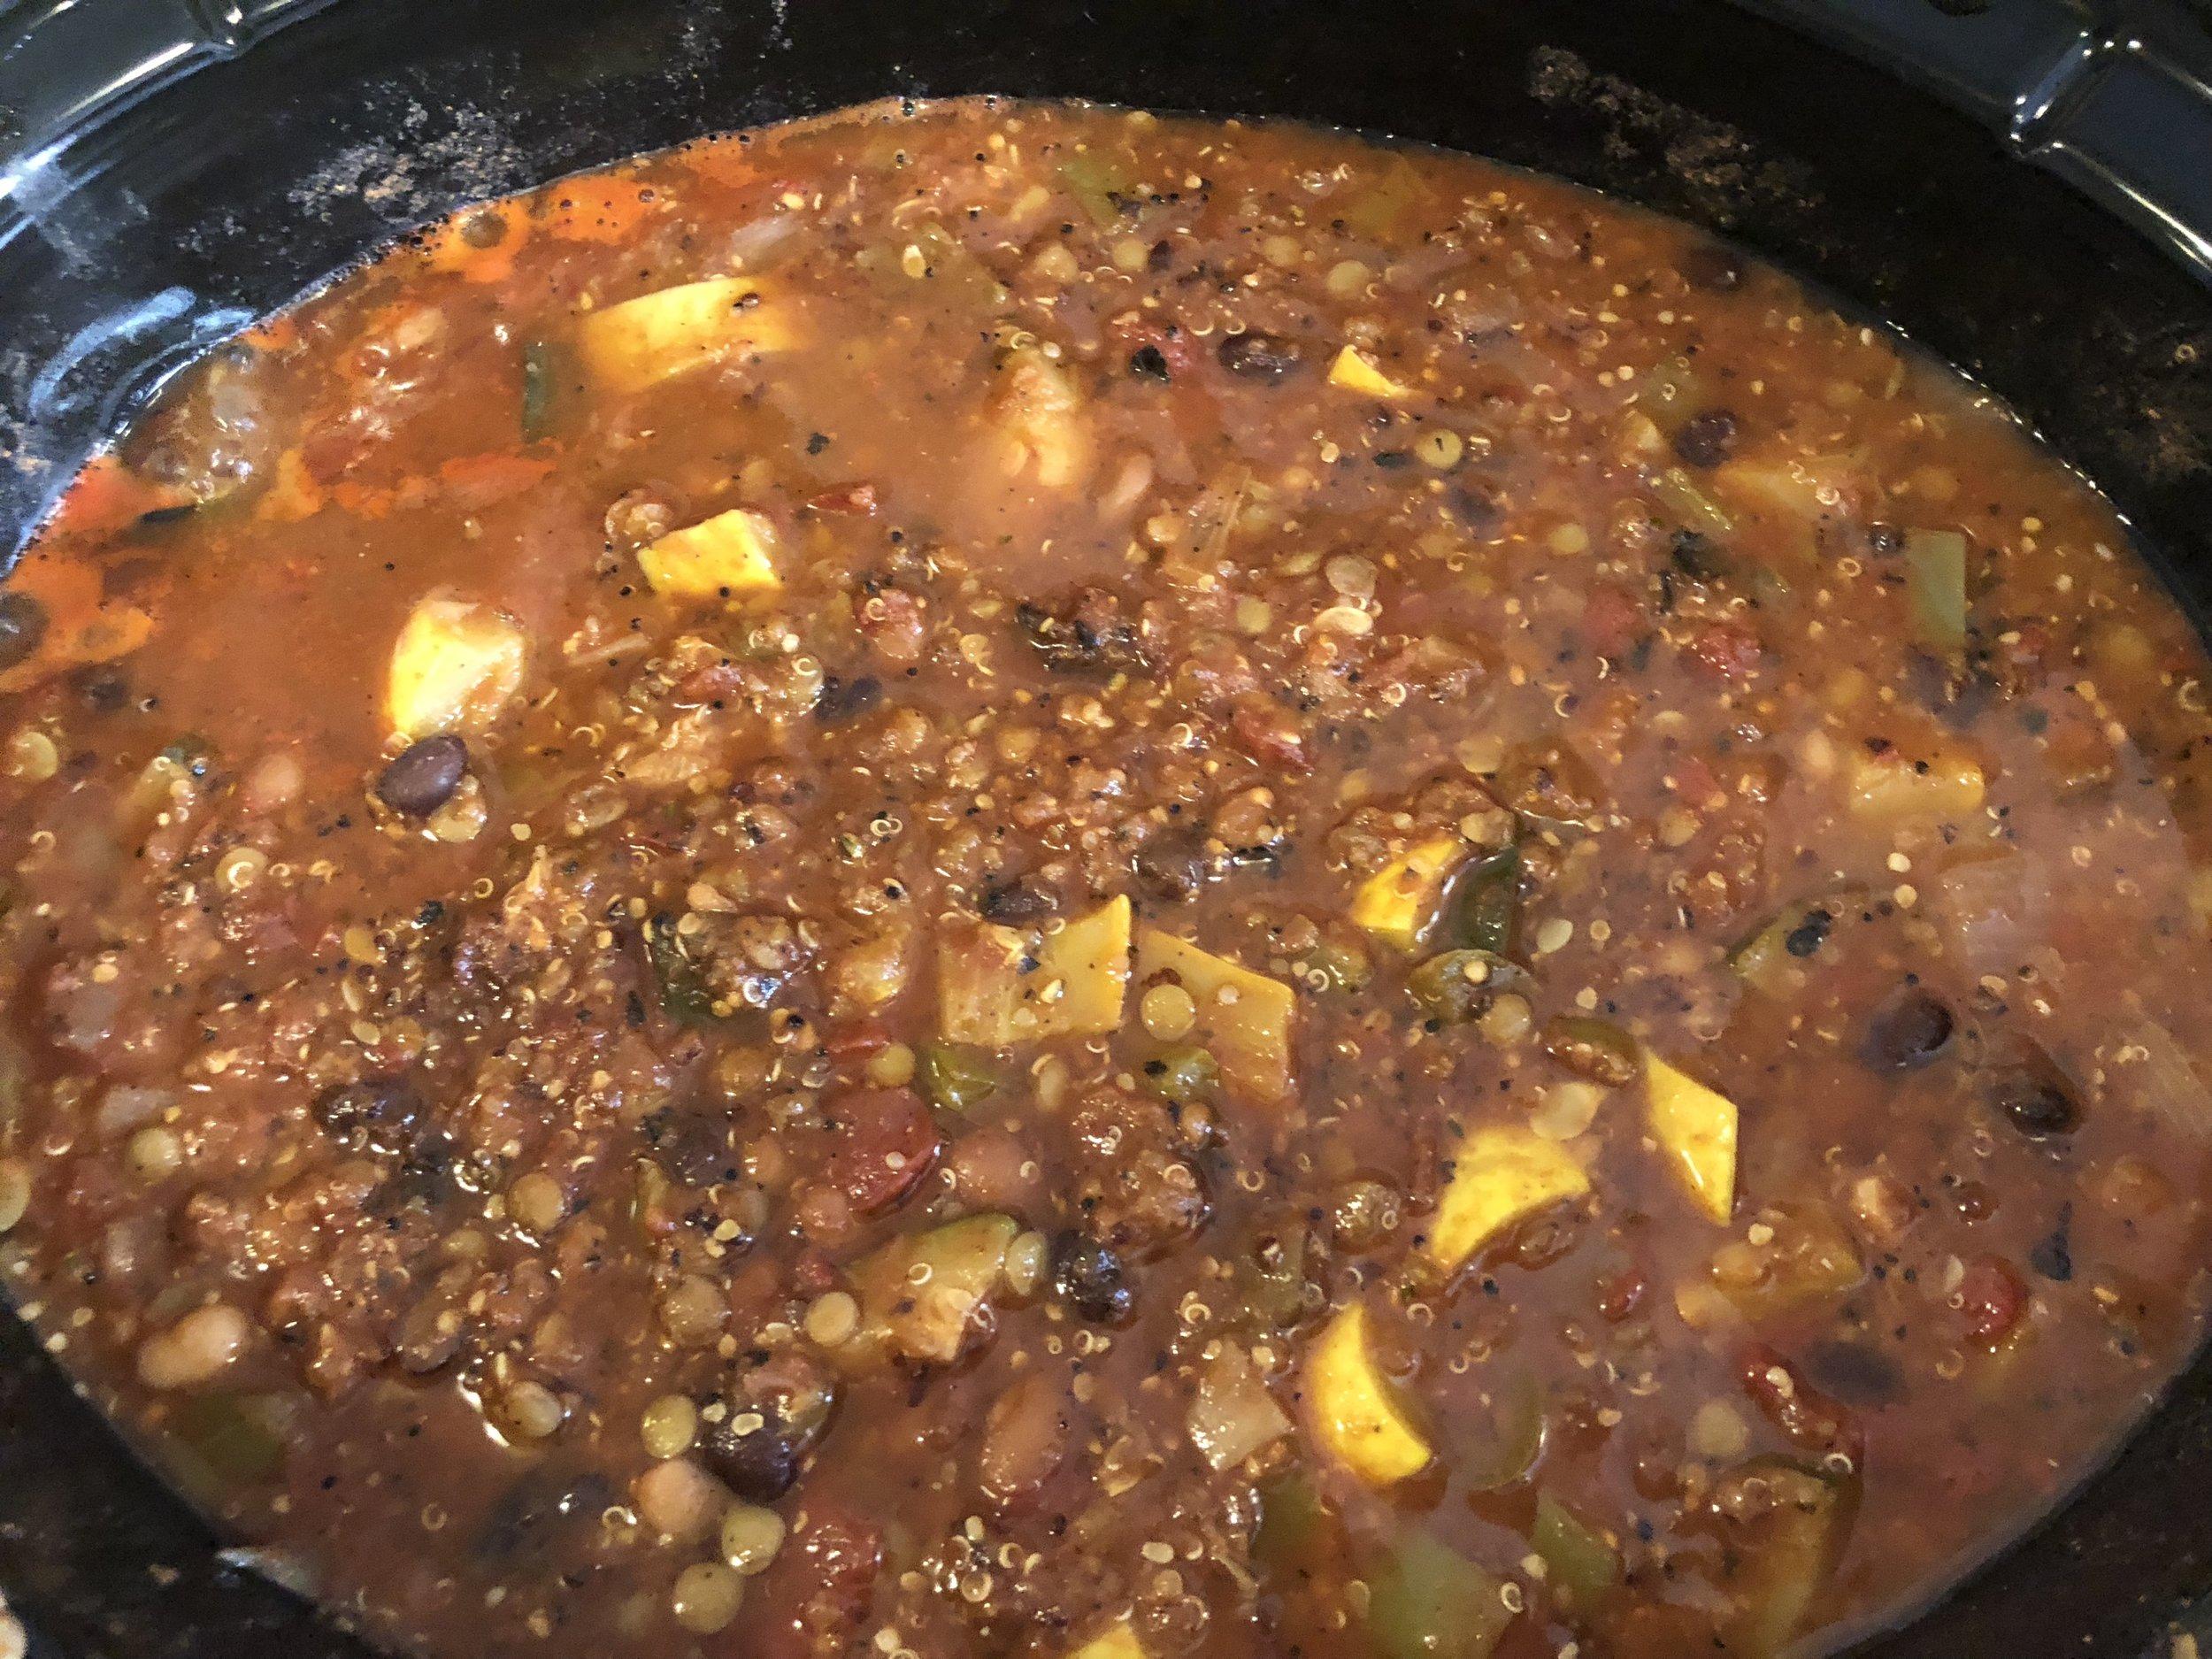 Vegan Hemp Chili with Hemp Way Foods Burger Crumbles